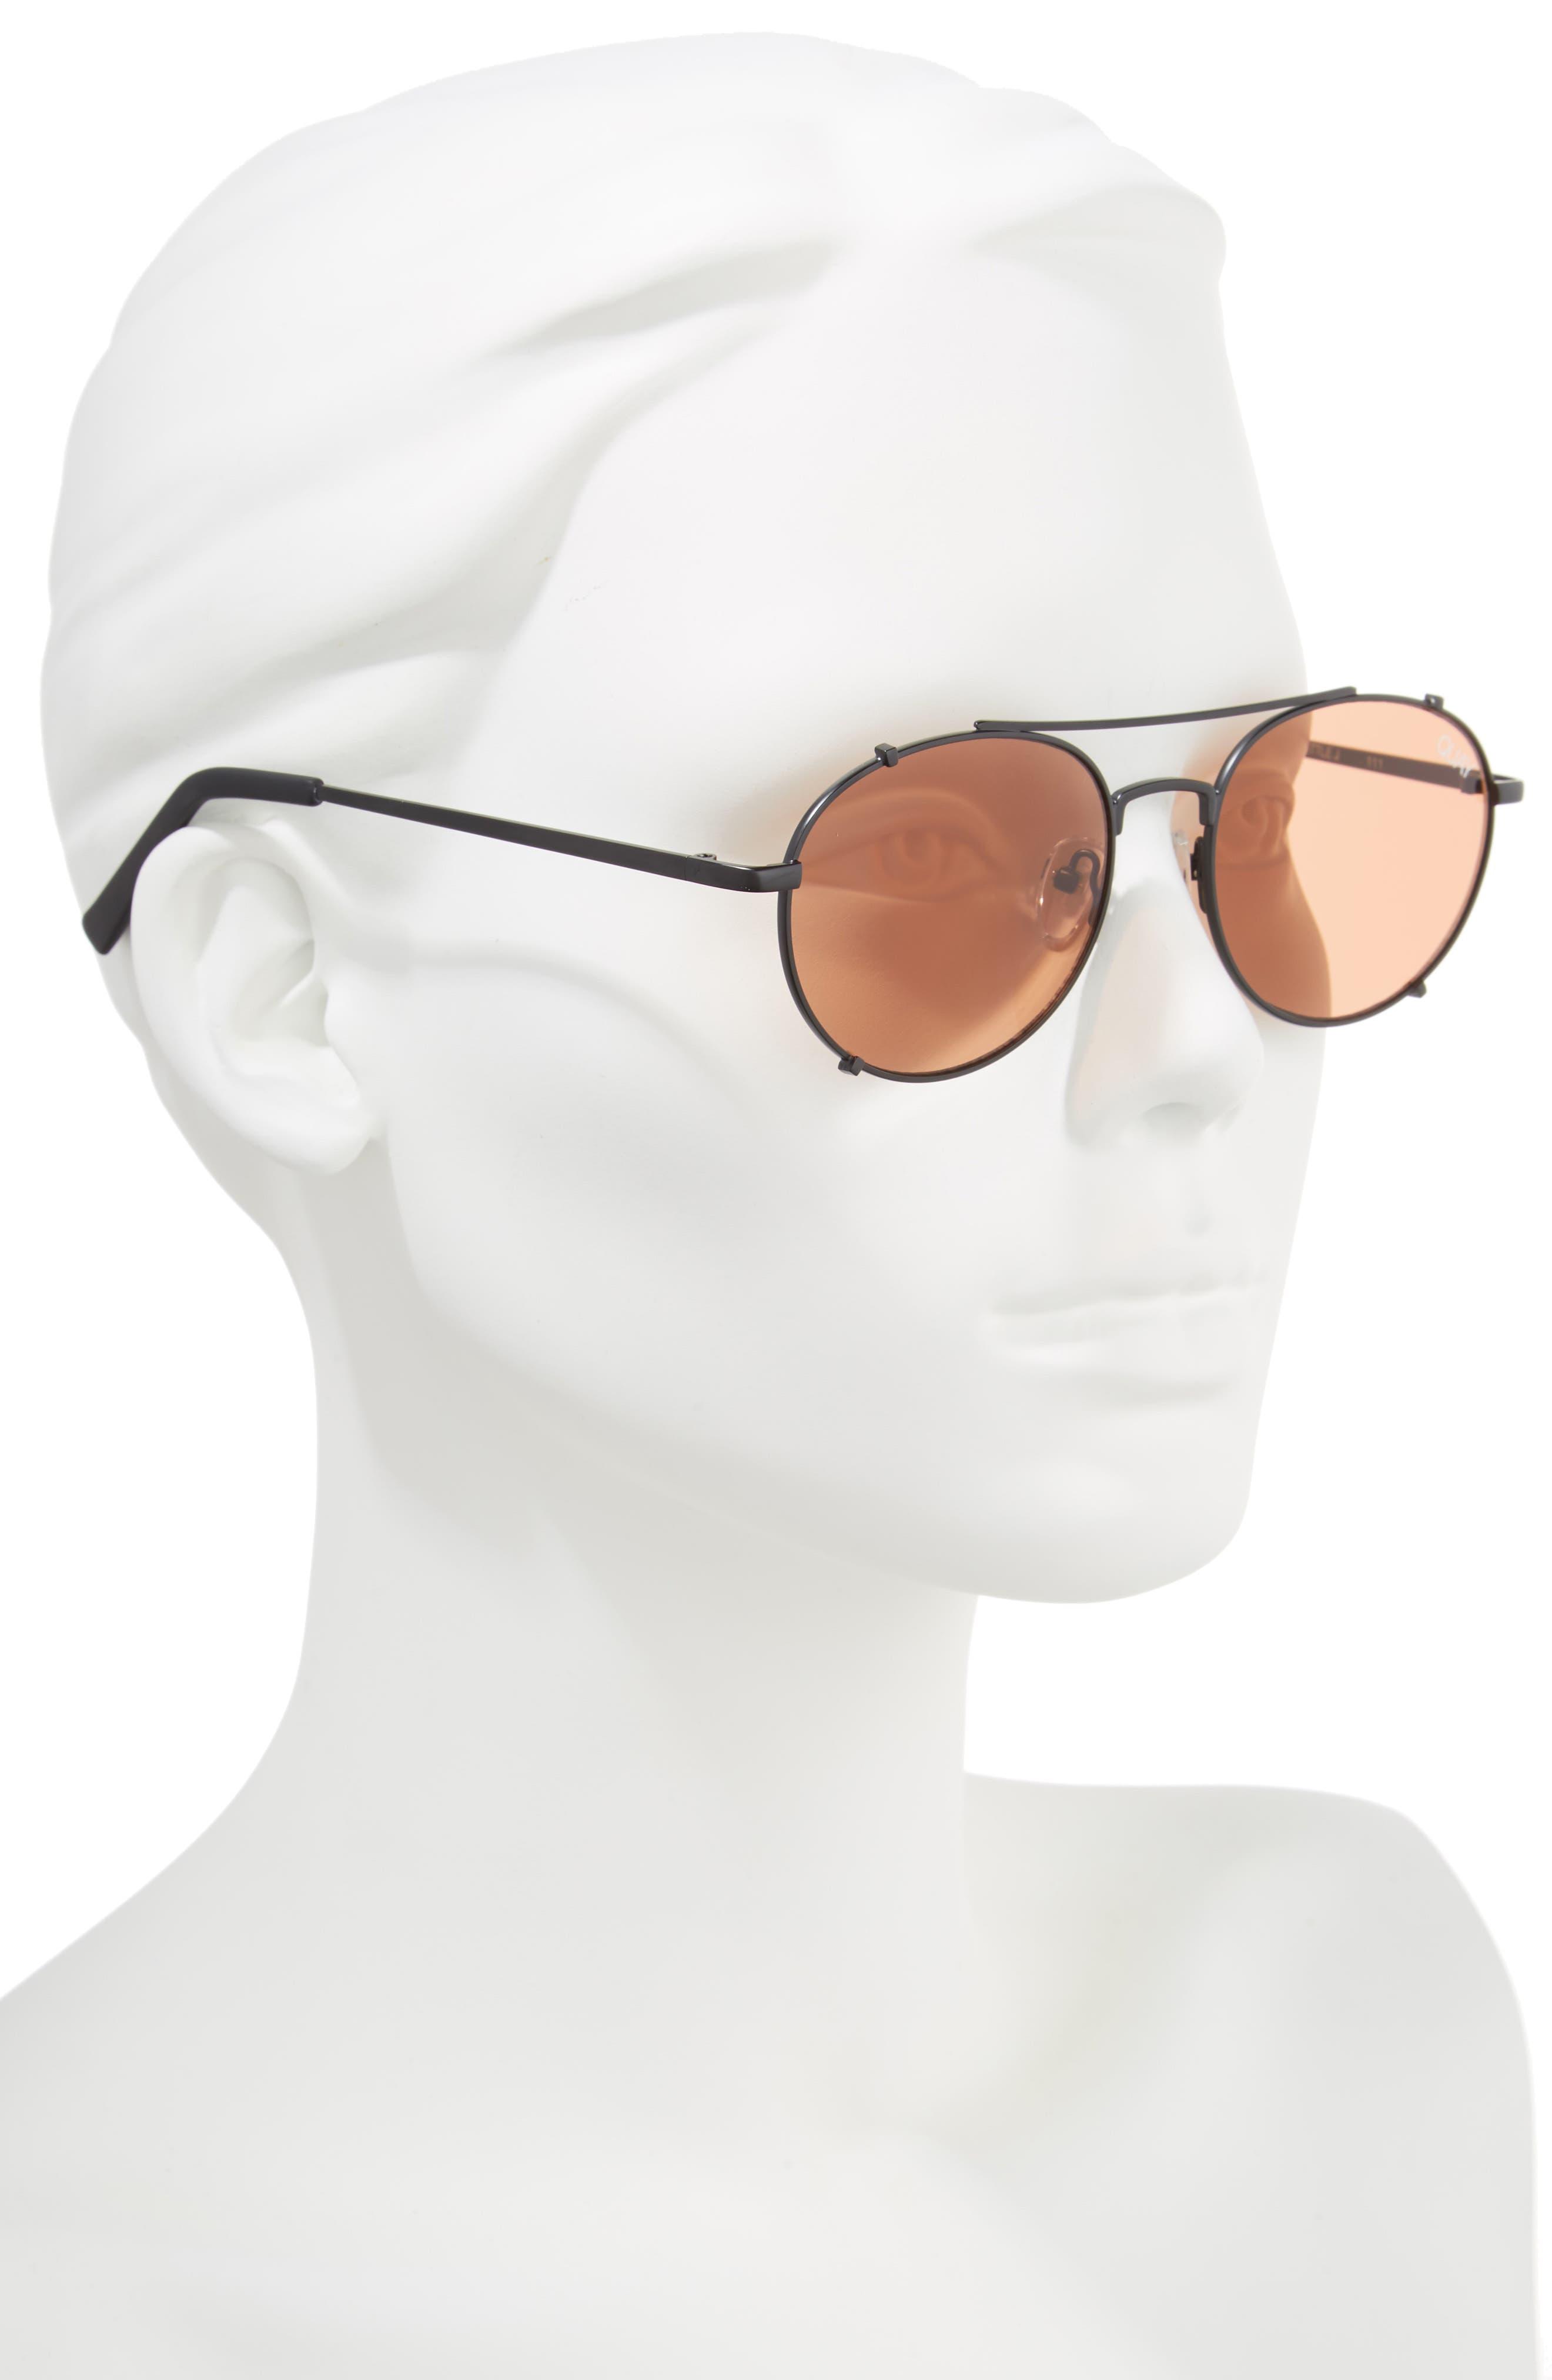 Little J 55mm Aviator Sunglasses,                             Alternate thumbnail 2, color,                             001